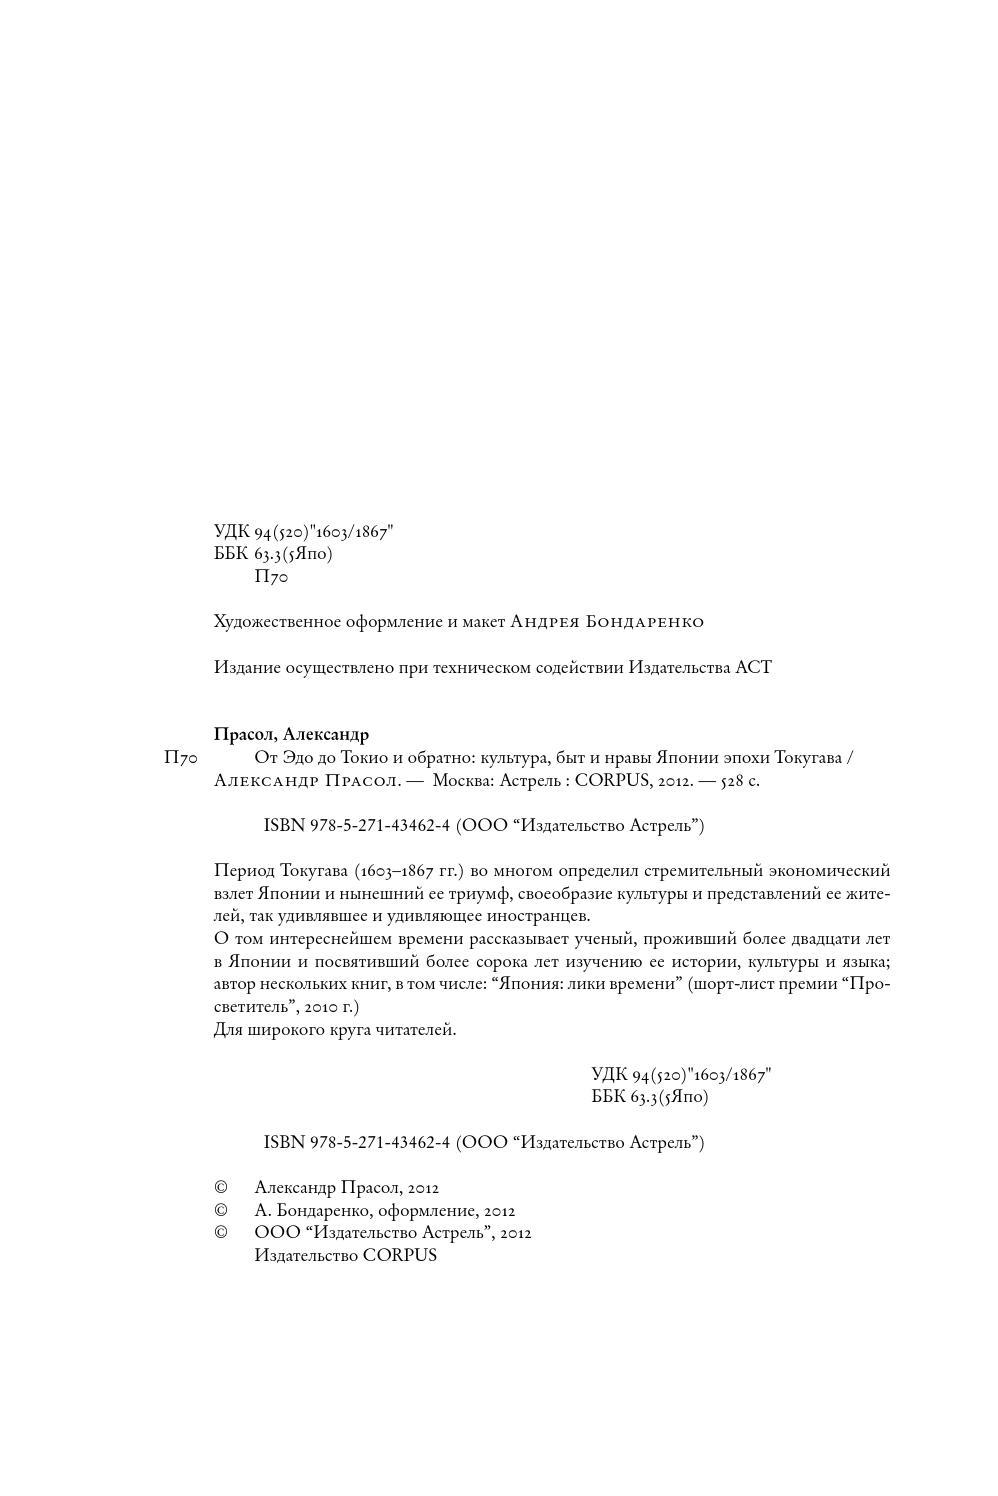 """Часть 1 """"От Эдо до Токио и обратно"""" Прасол А.Ф. (Корпус)"""